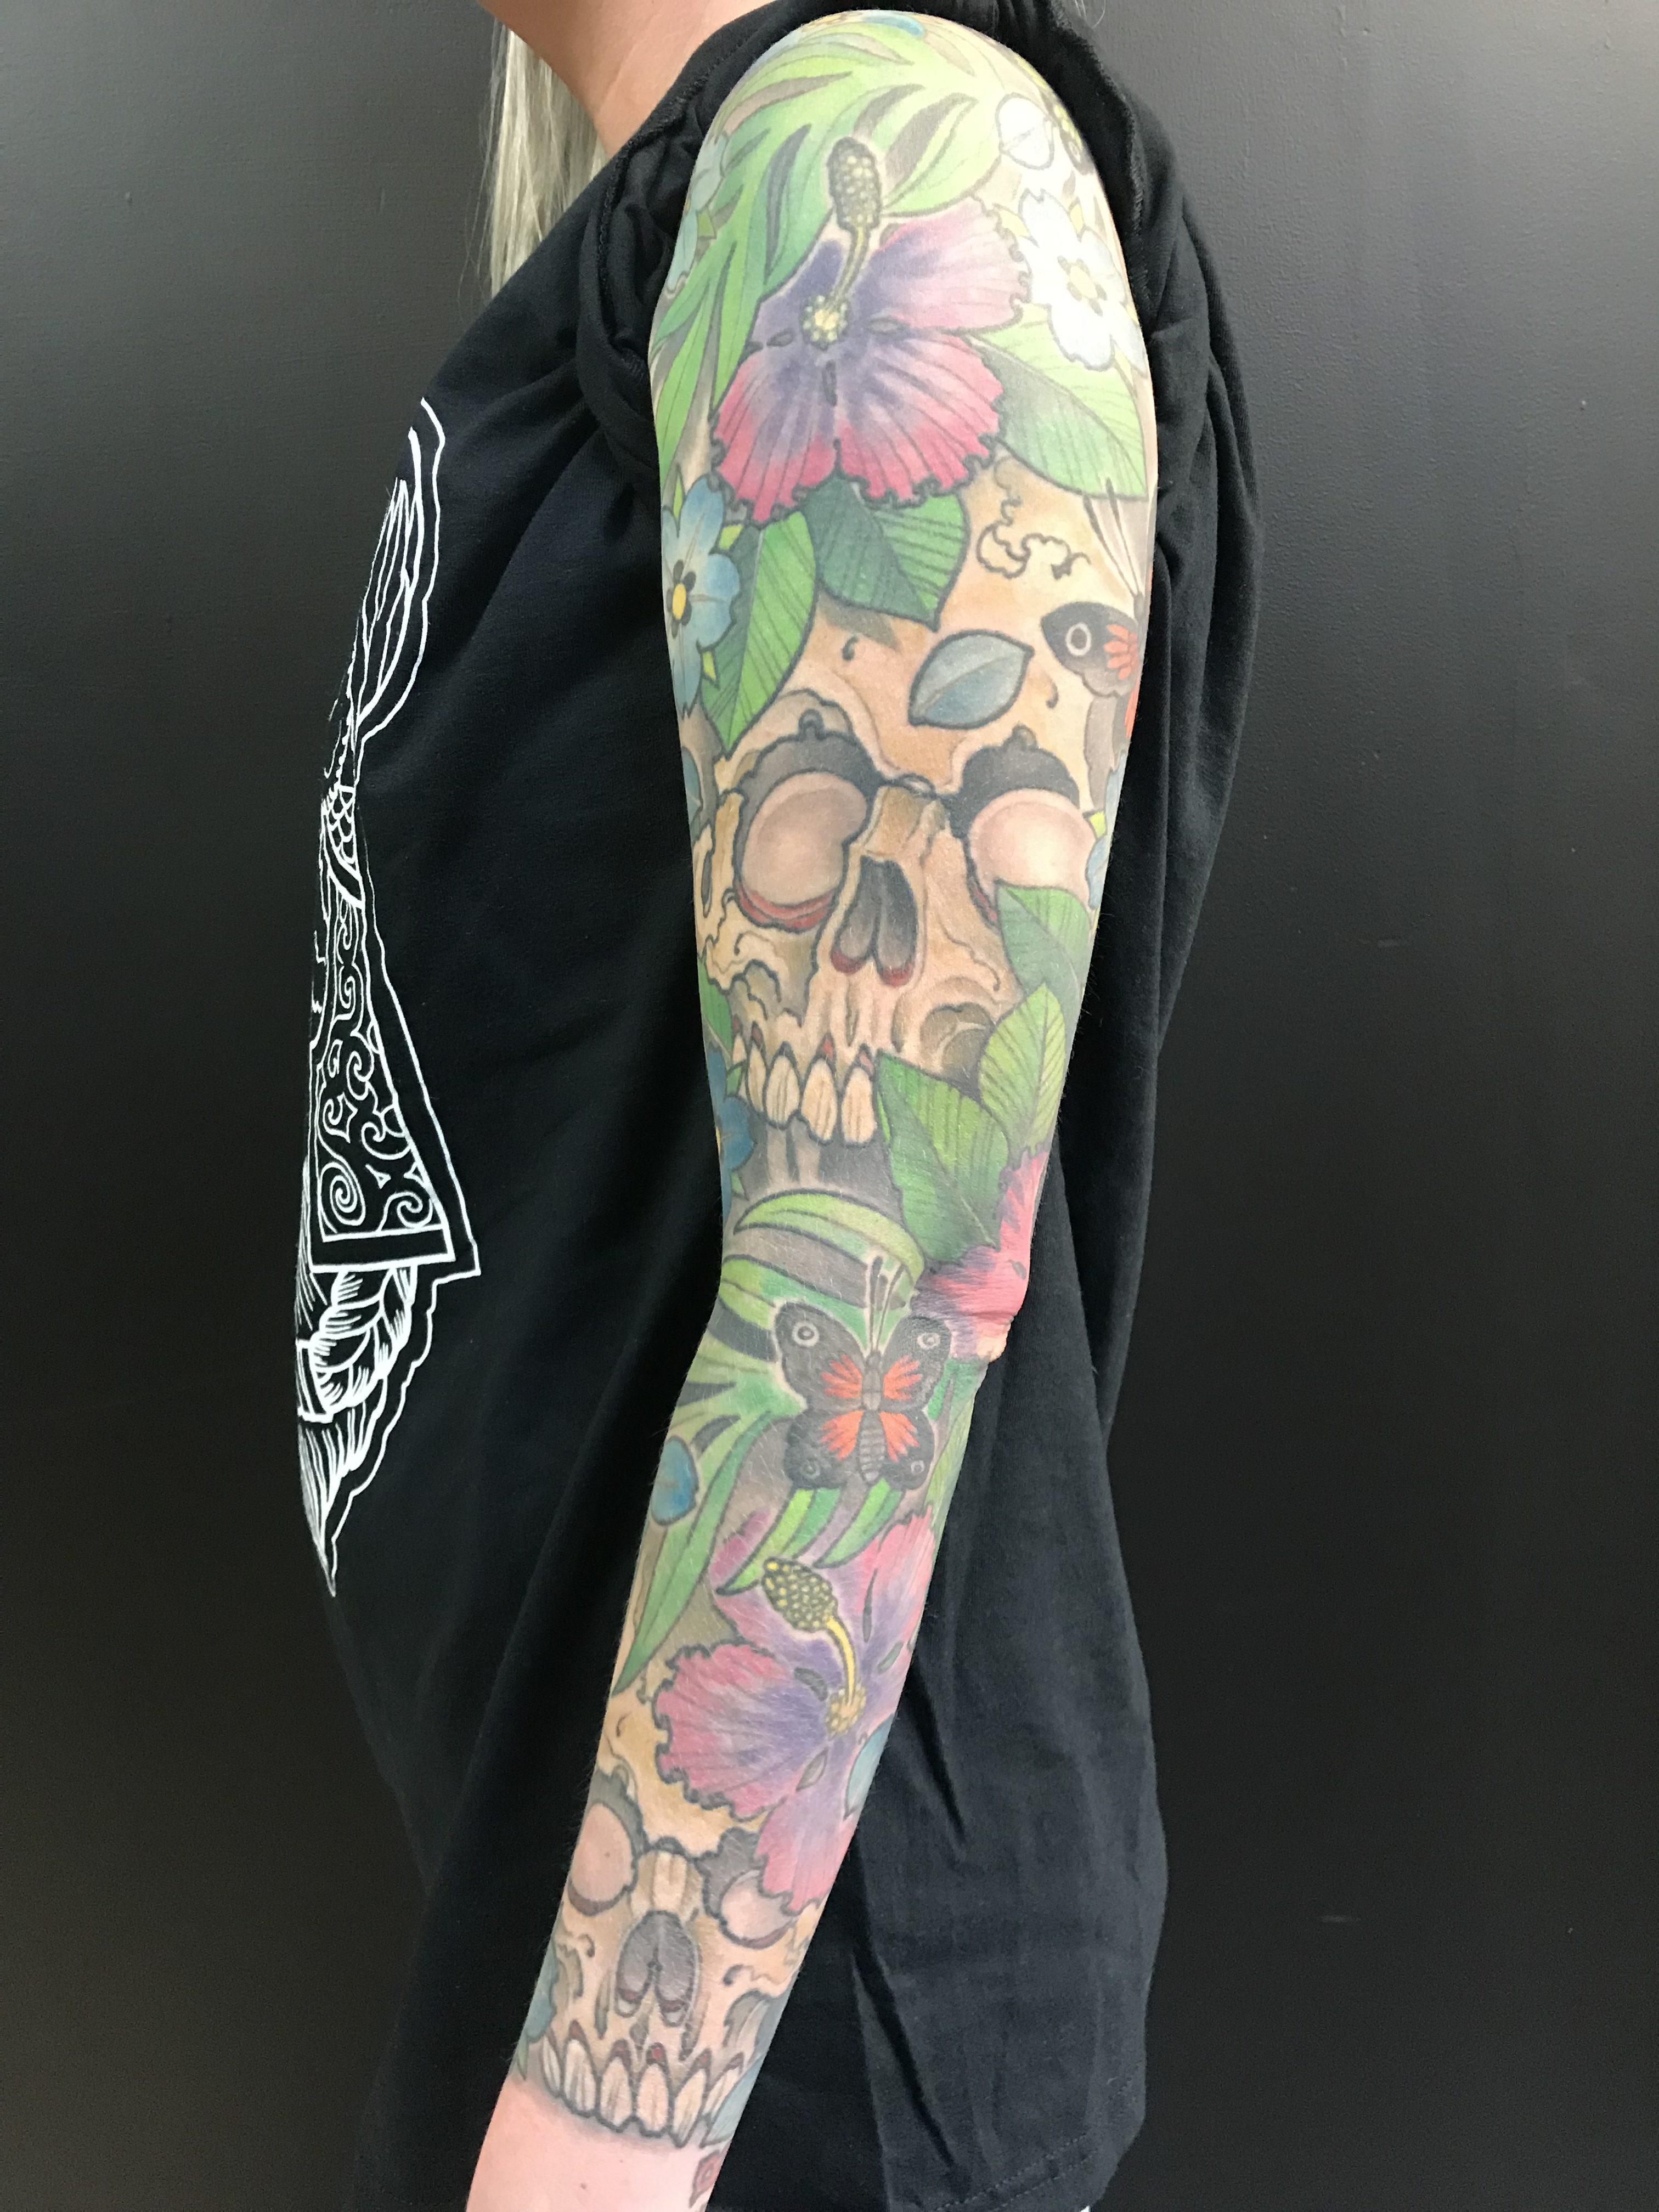 Forrest Makay tattoo 2019 Okanagan Tattoo Show & Brewfest Artist